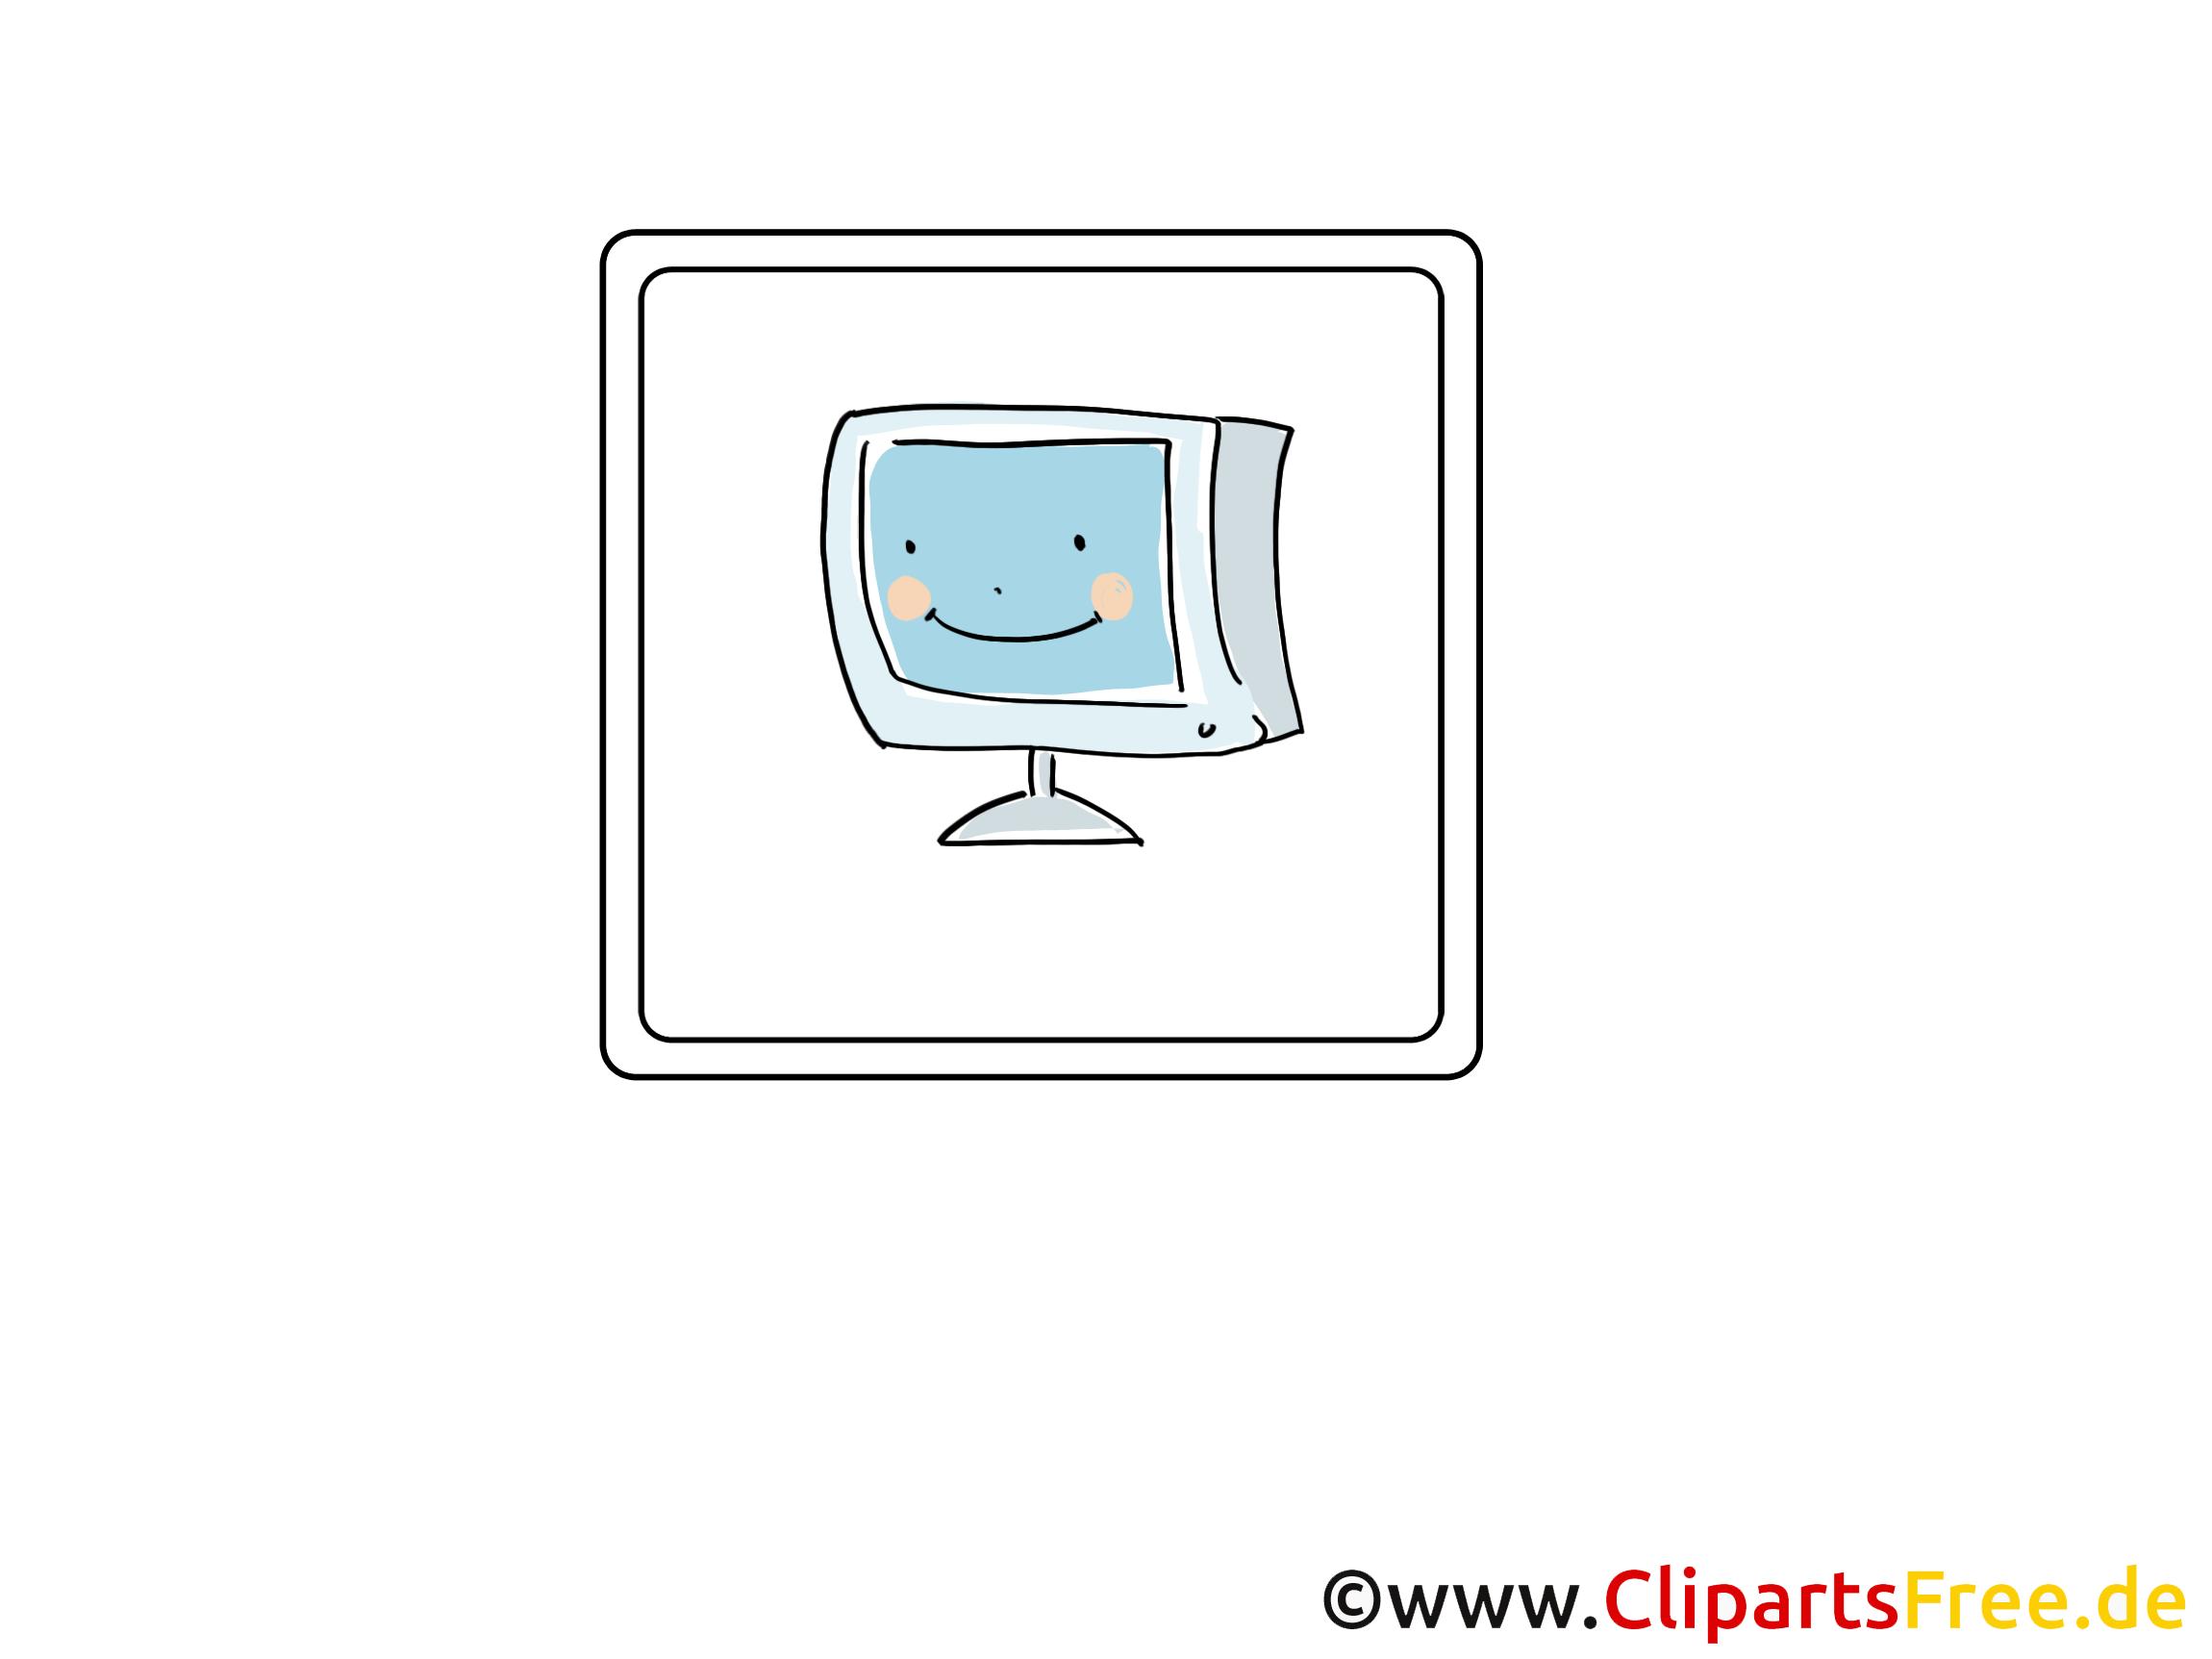 Écran dessin à télécharger - Icône images